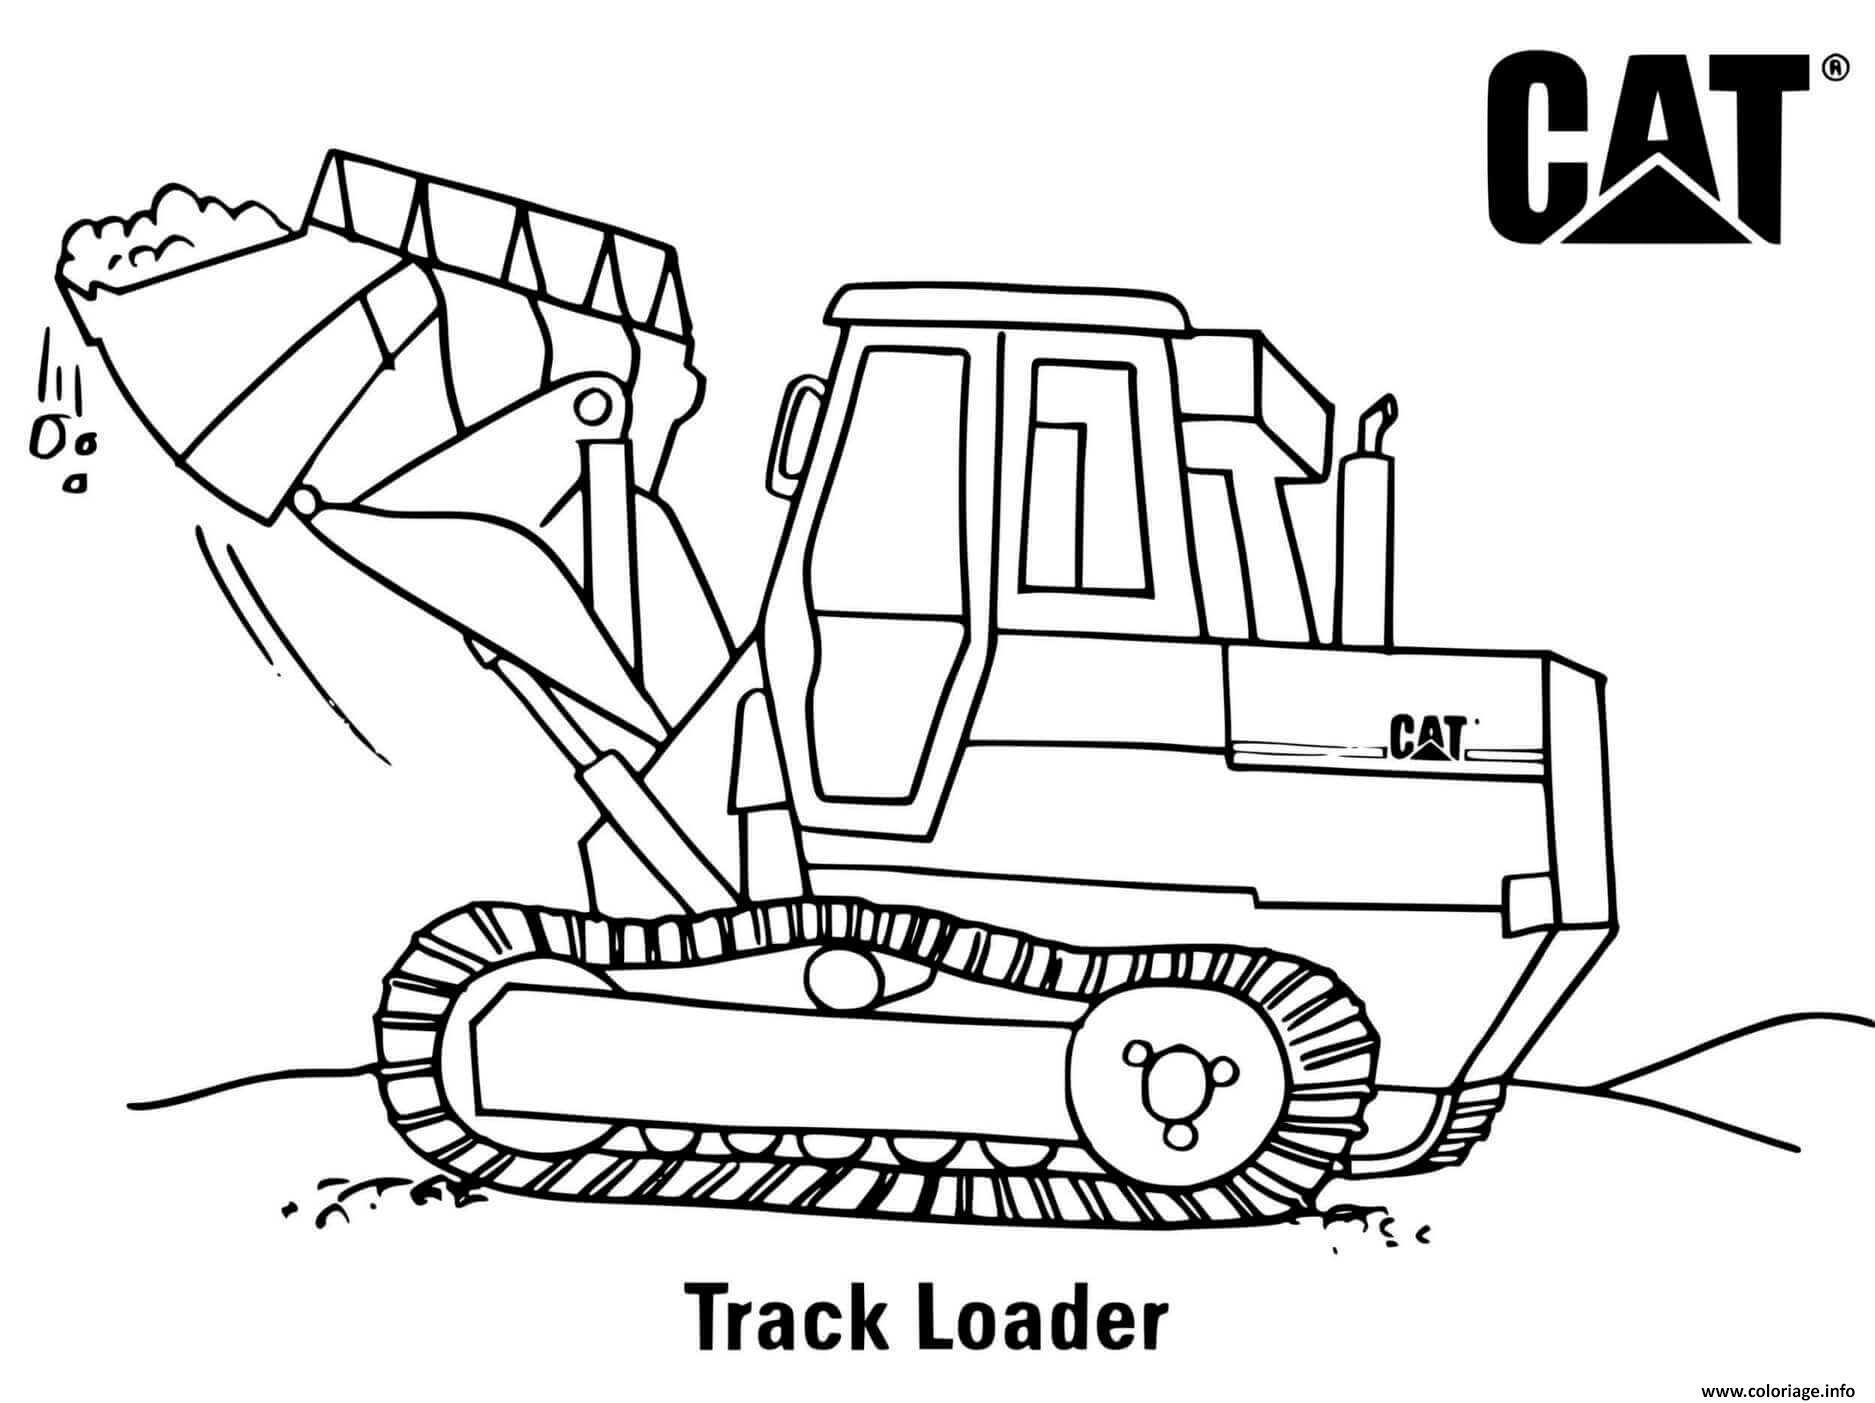 Dessin tracker loader chantier chargeur Coloriage Gratuit à Imprimer